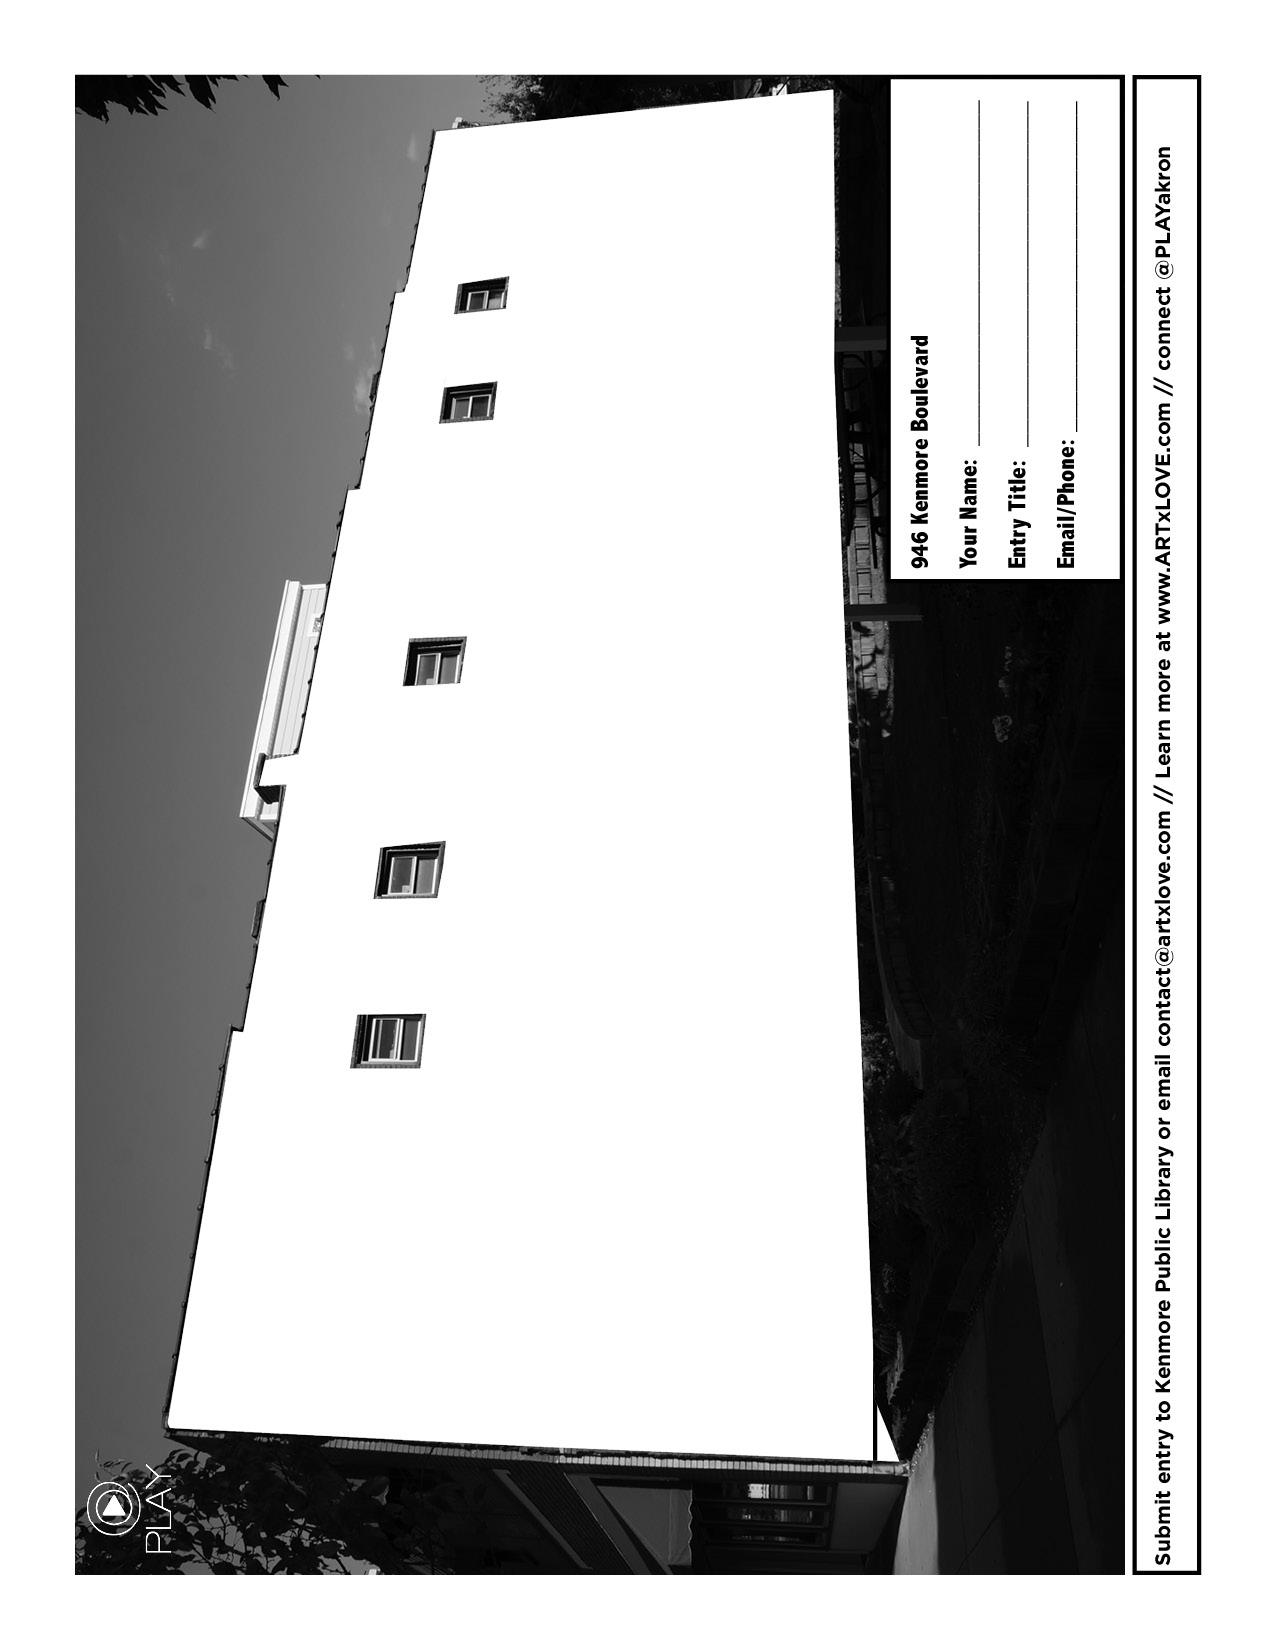 ARTxLOVE_Kenmore-Imagineer_coloring-book_final3.jpg